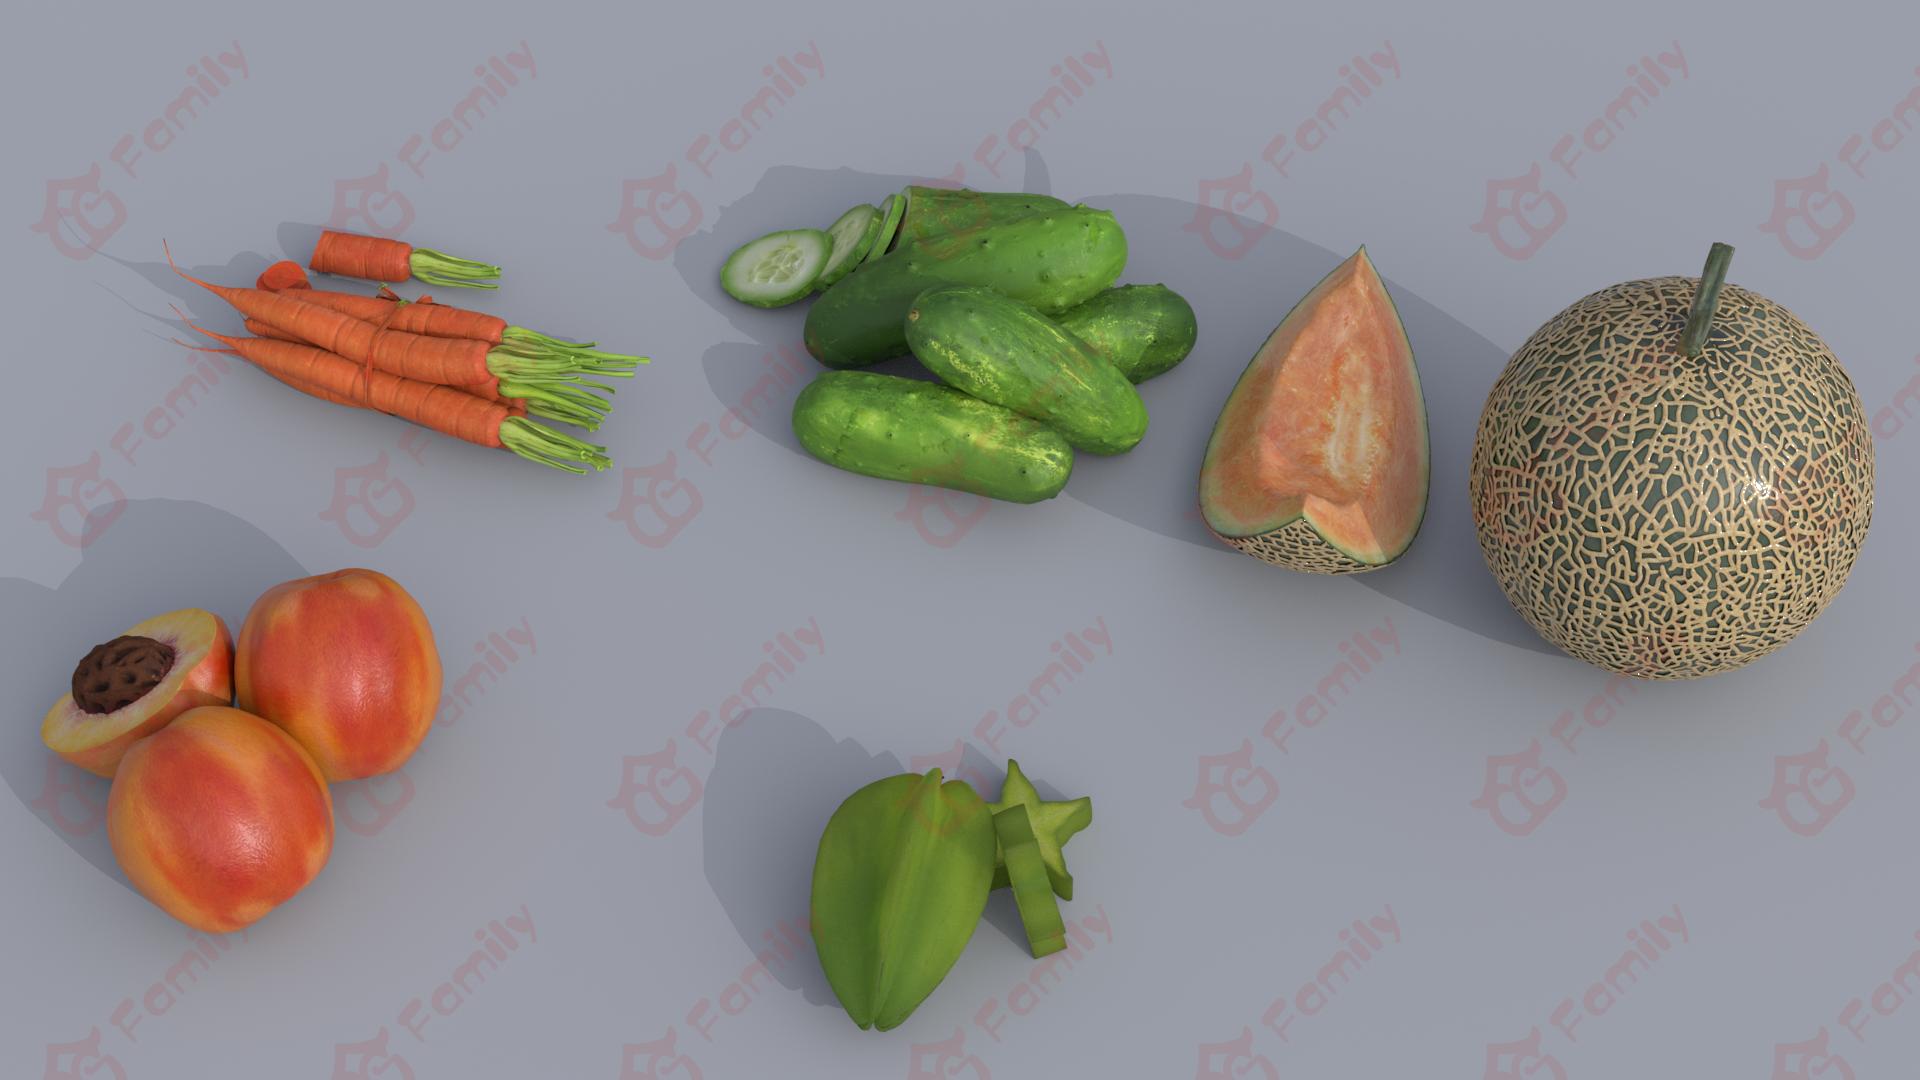 胡萝卜_黄瓜_哈密瓜_桃子_杨桃_水果蔬菜3D模型免费下载